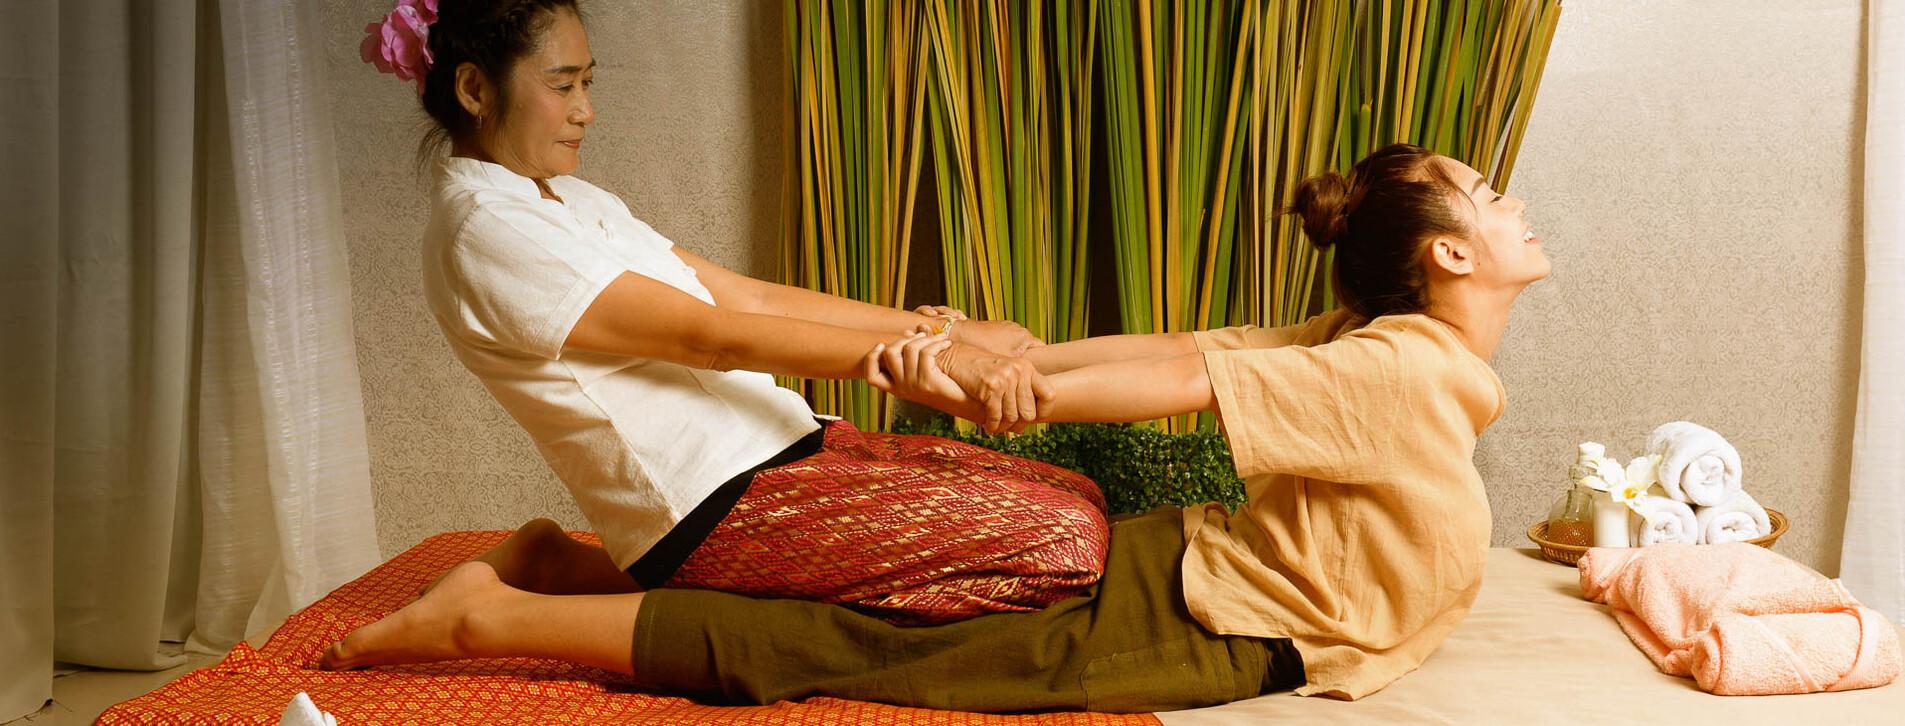 Фото 1 - Тайский массаж для двоих